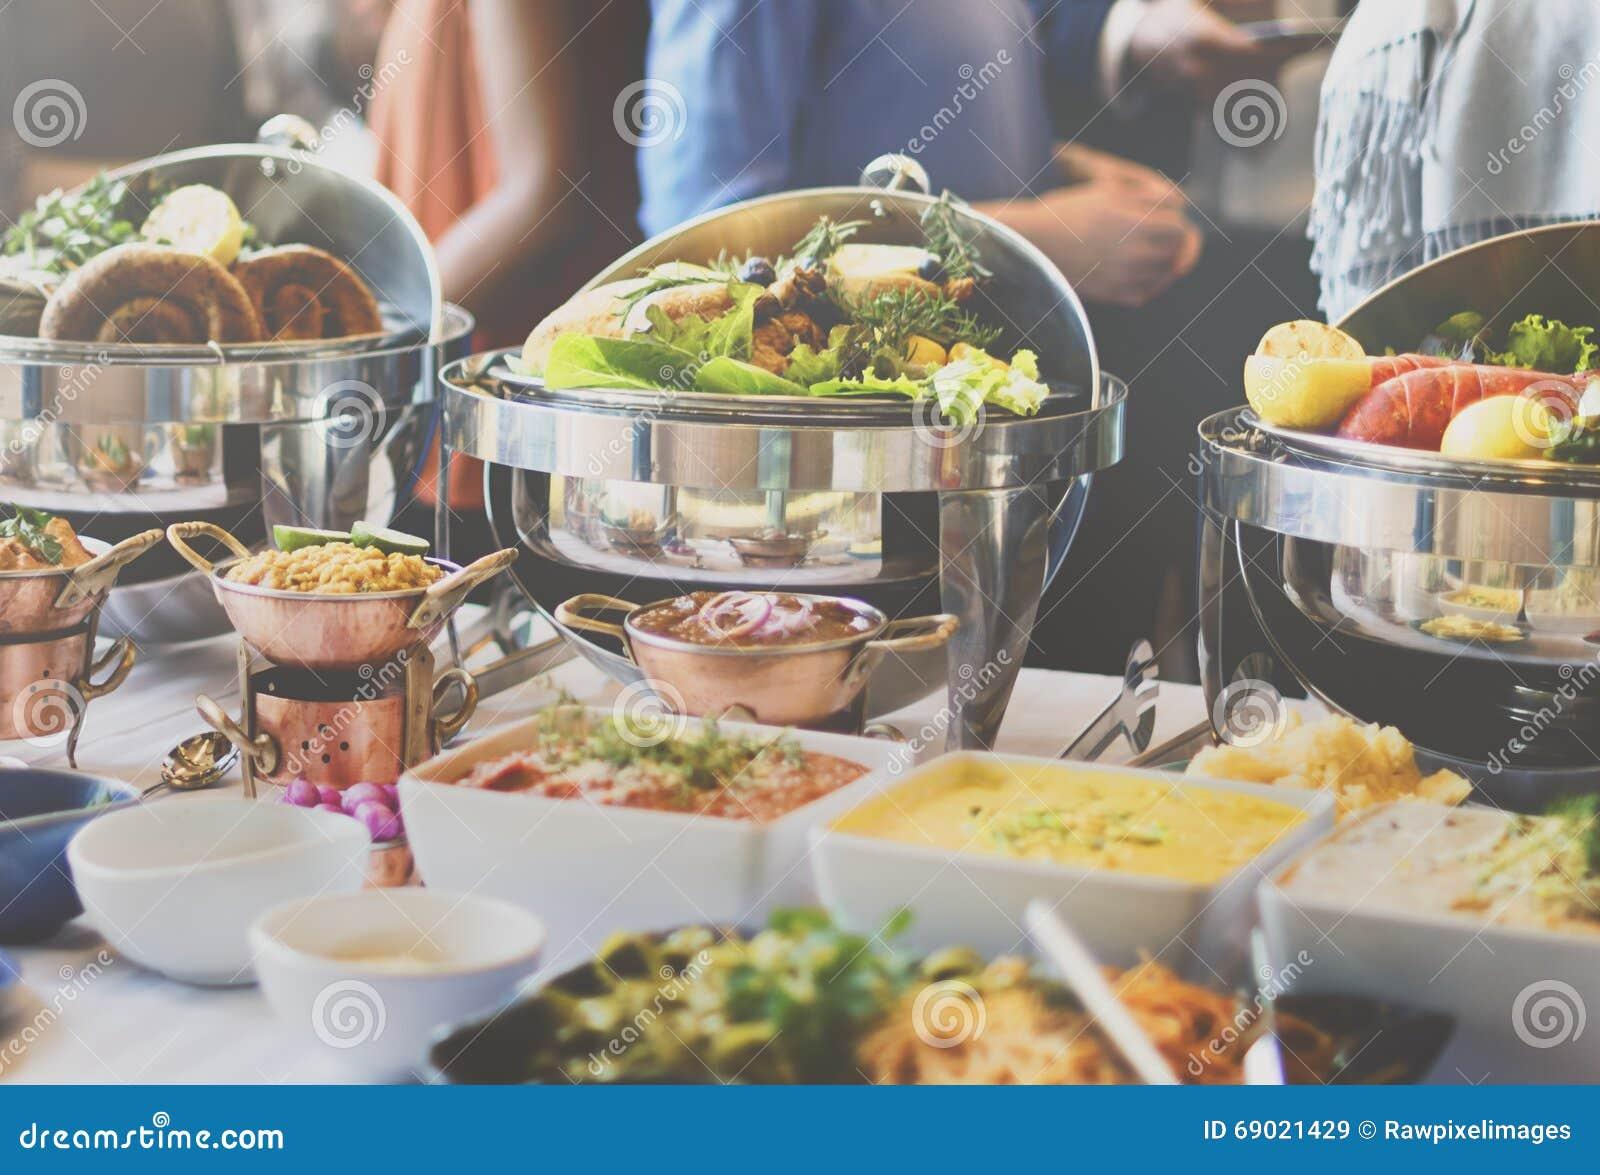 自助餐吃欢乐咖啡馆的早午餐食物用餐概念.图片